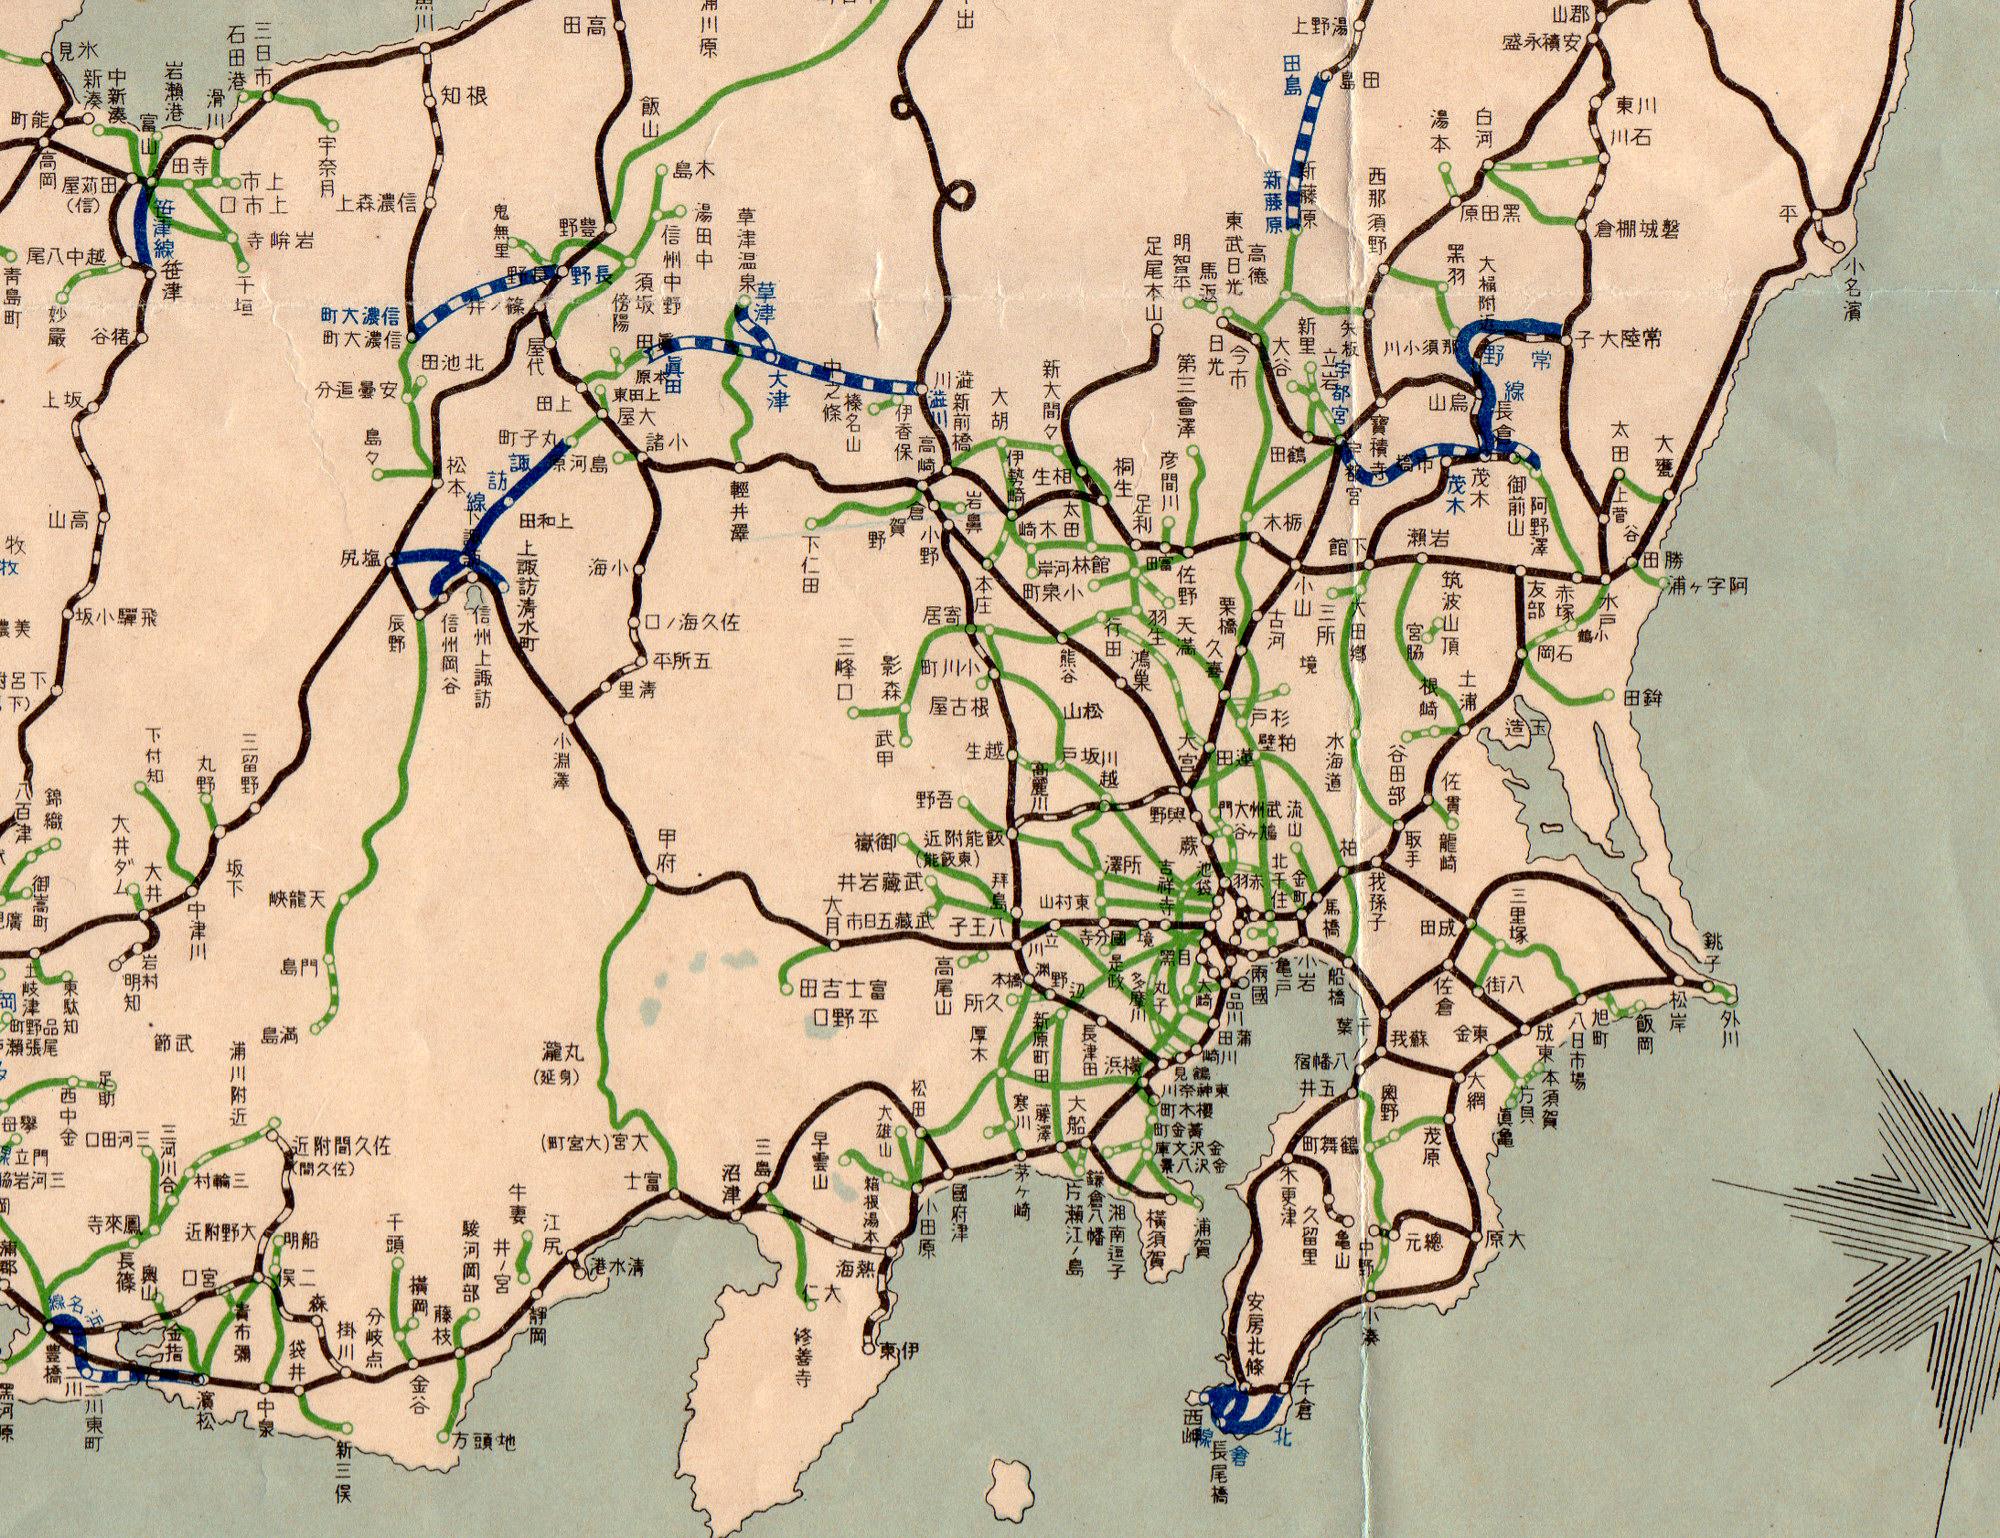 関東地方 : 日本地図 関東地方 : 日本